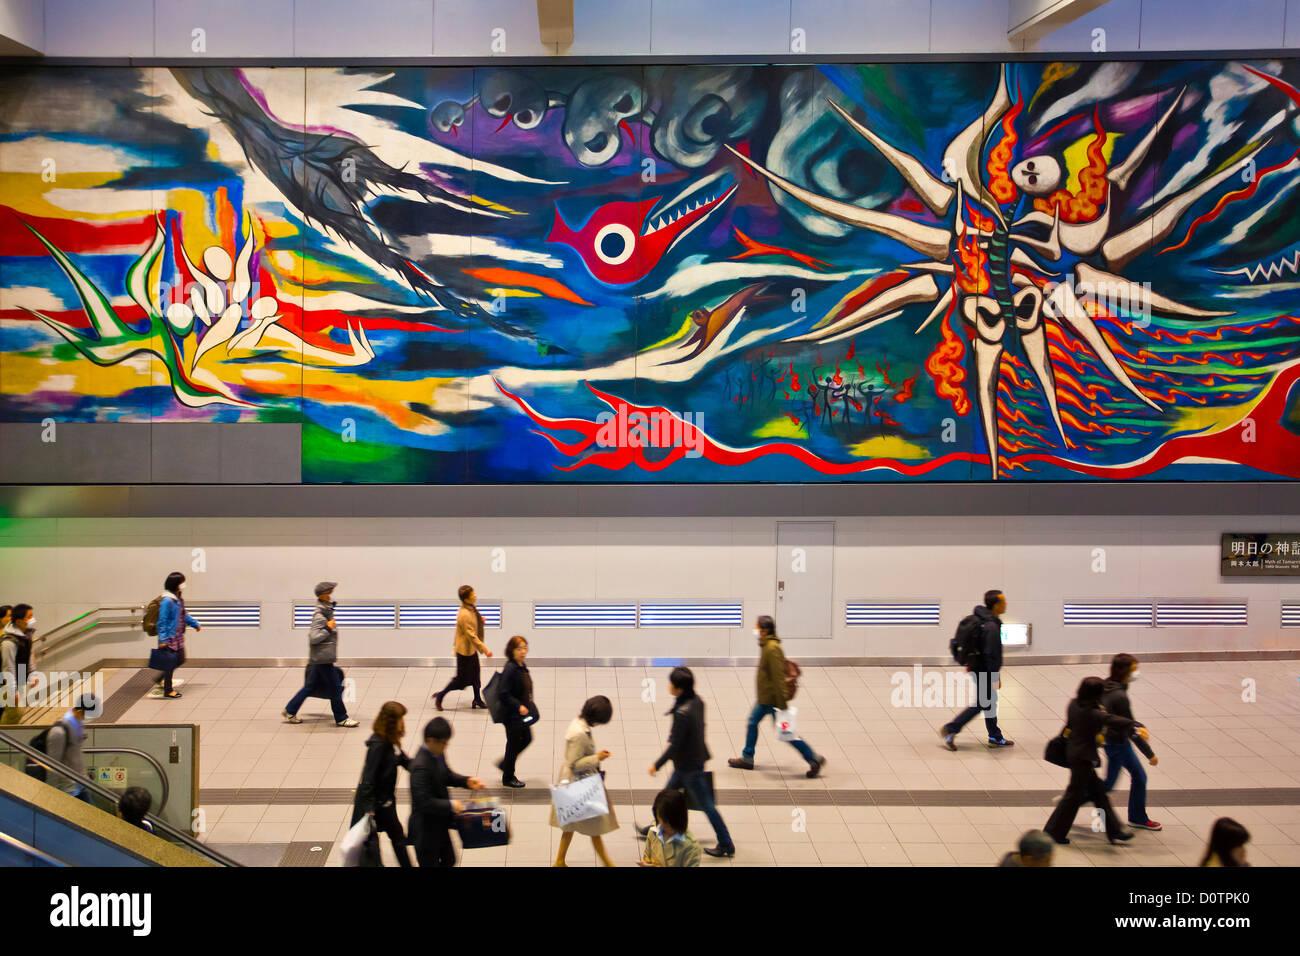 Le Japon, Asie, vacances, voyage, Ville, Tokyo, Shibuya, gare, art, coloré, hall, moderne, peinture murale, Photo Stock